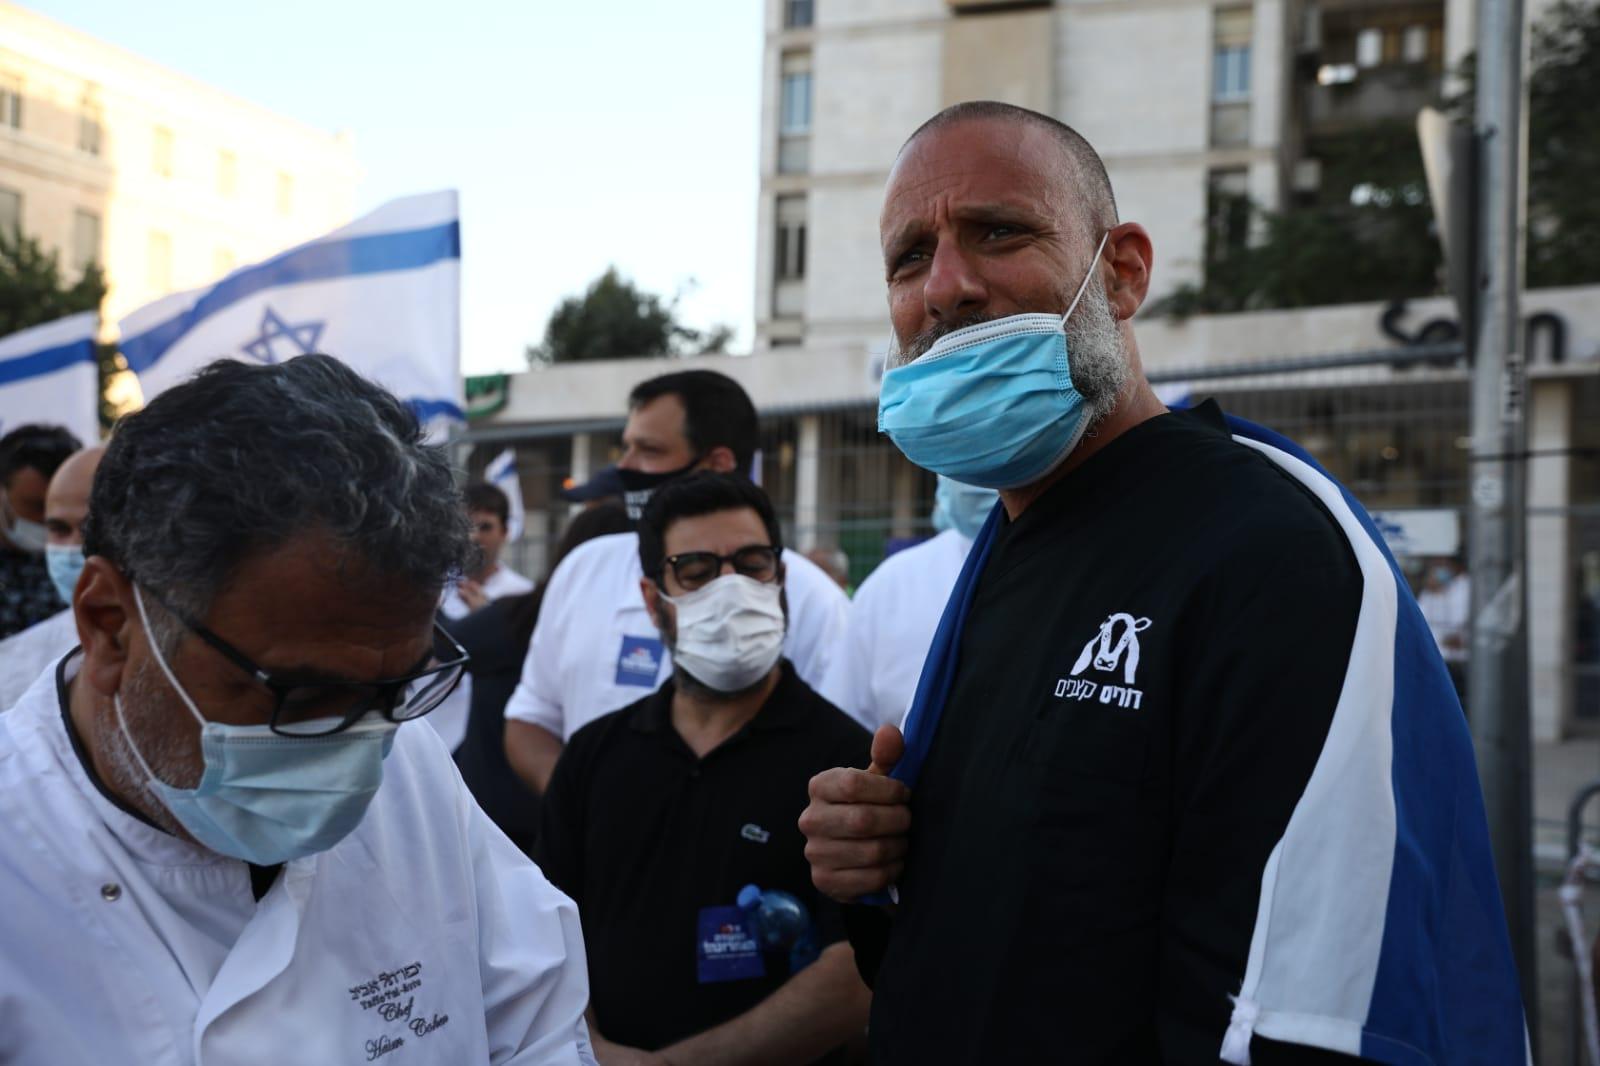 חיים כהן (משמאל) במחאת המסעדנים בבלפור, יולי 2020 (צילום: אורן זיו)